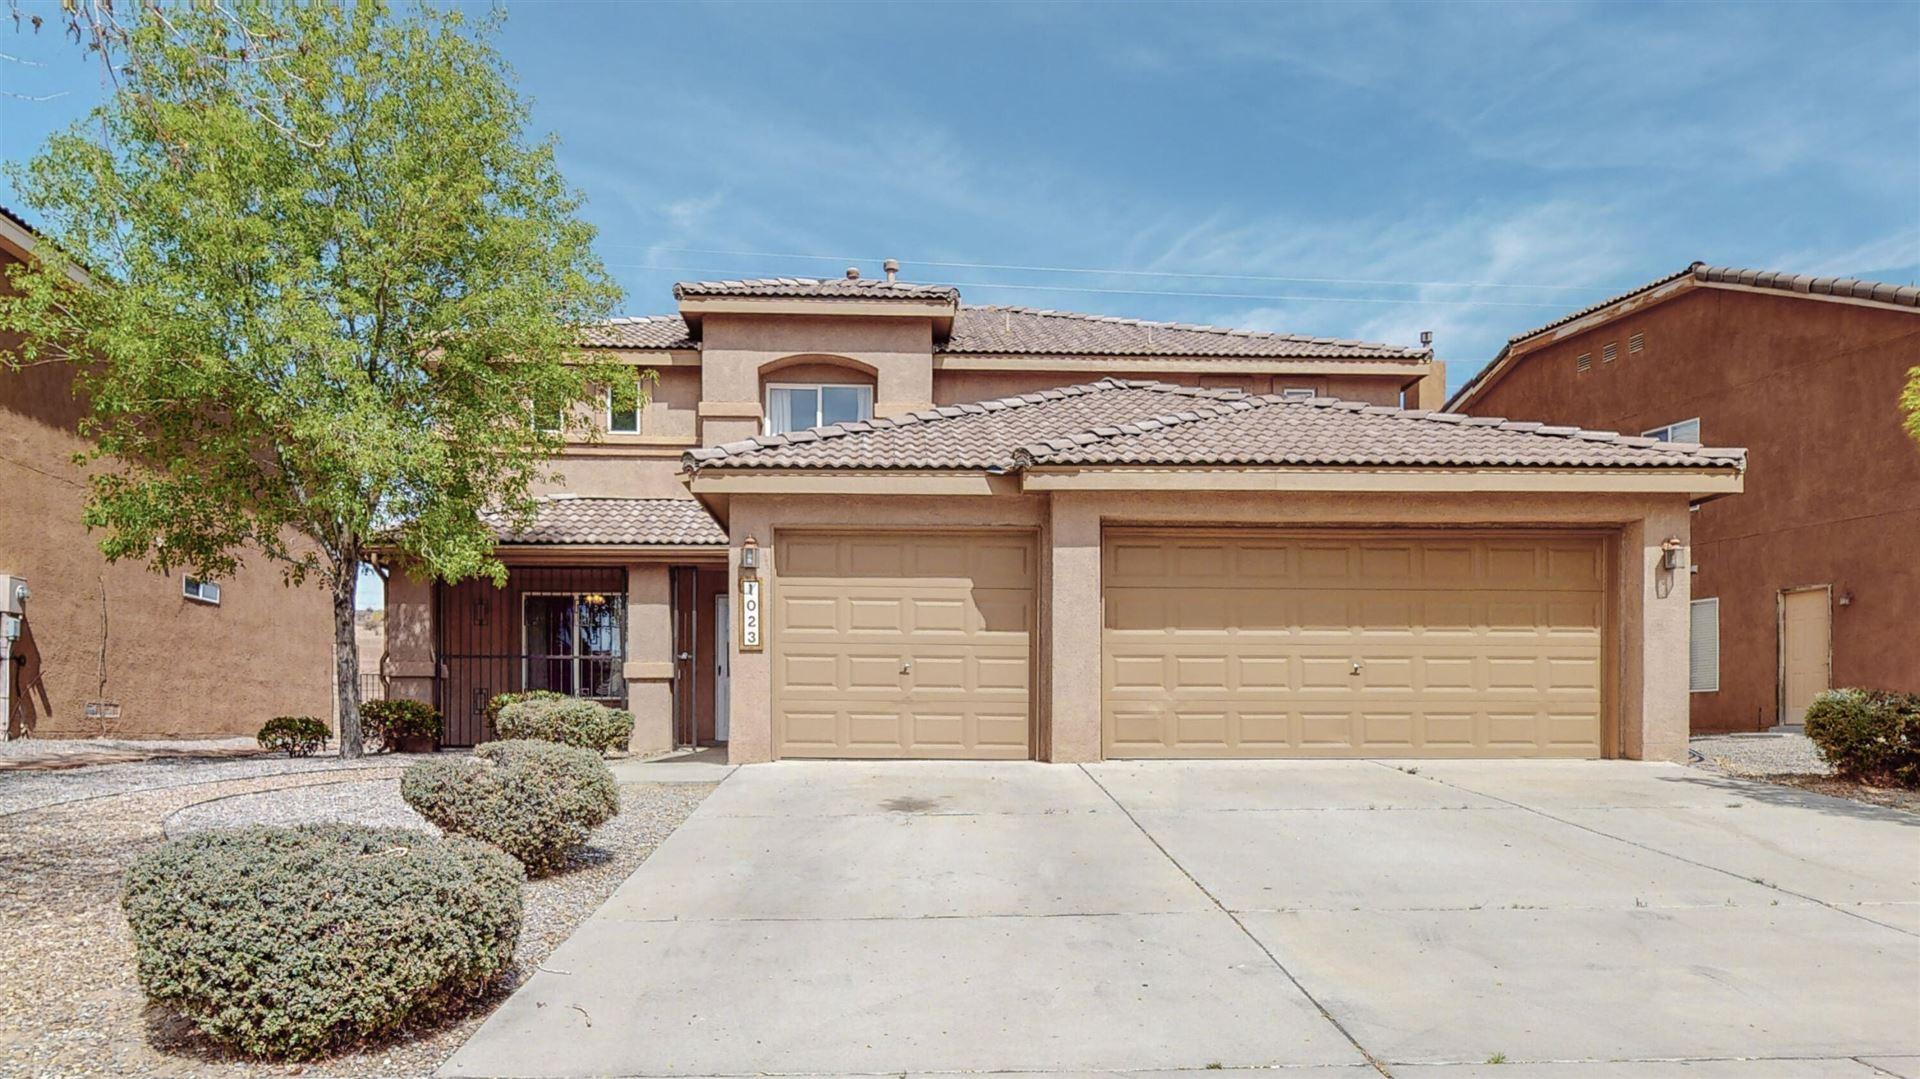 1023 PINATUBO Place NW, Albuquerque, NM 87120 - MLS#: 990574